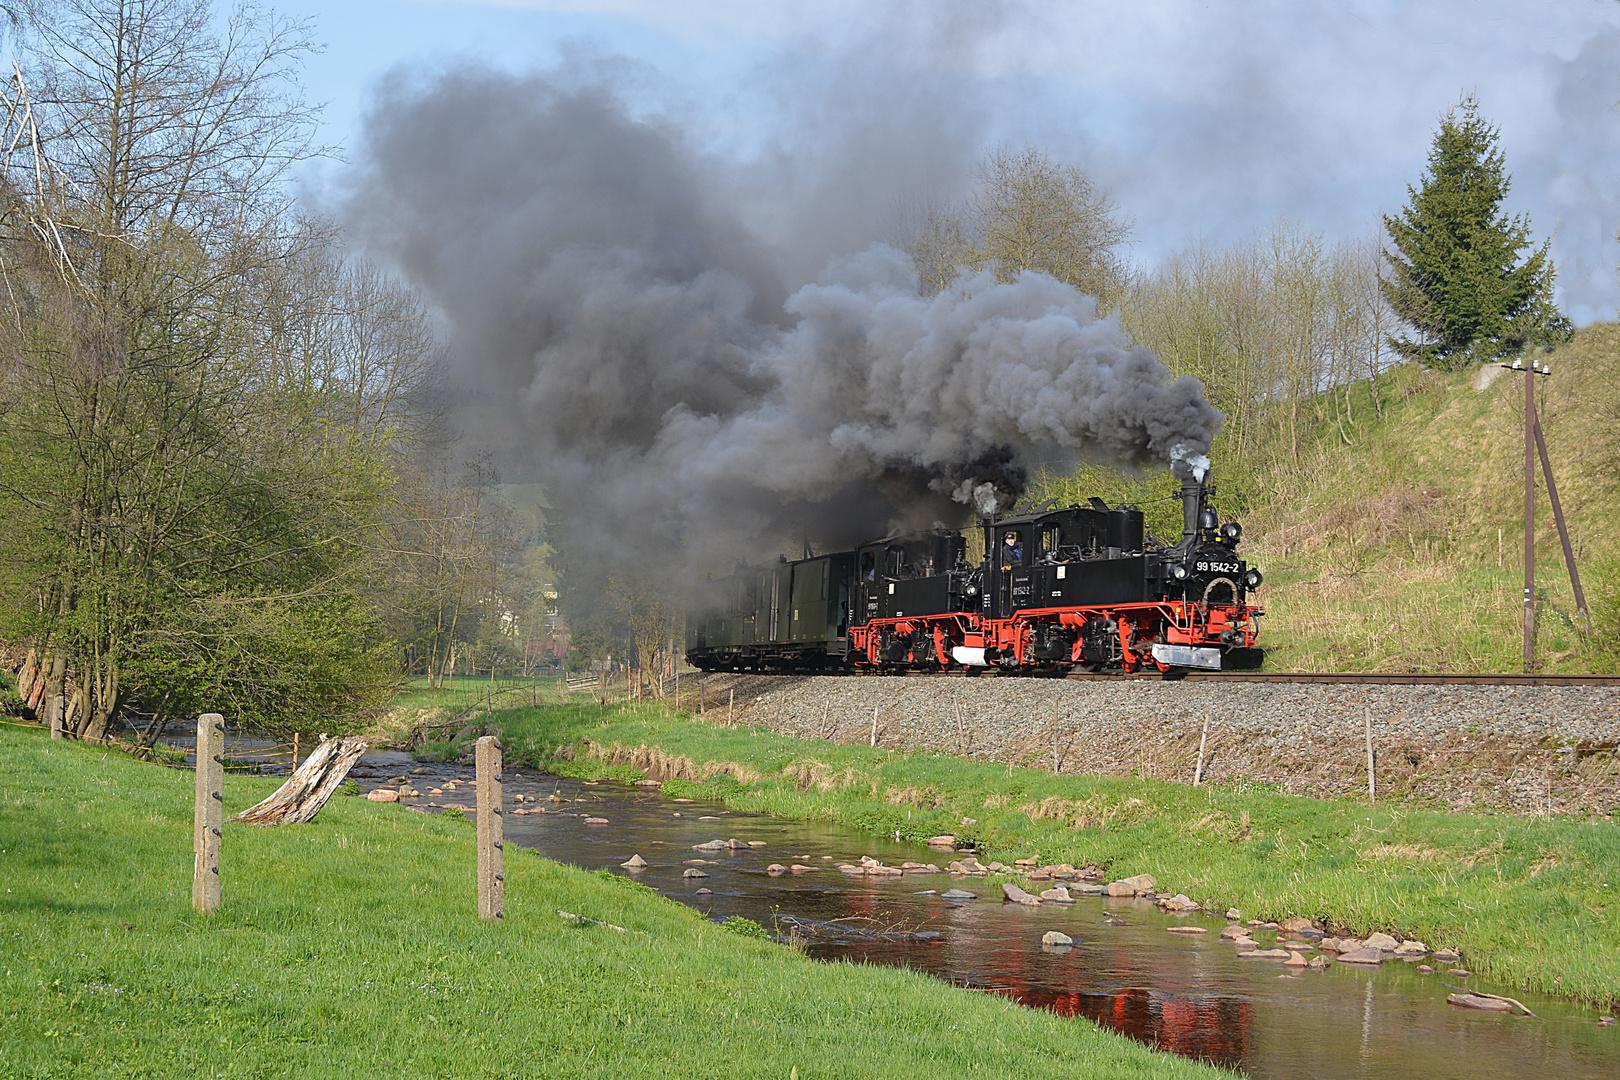 Schwere Züge brauchen manchmal 2 Lokomotiven